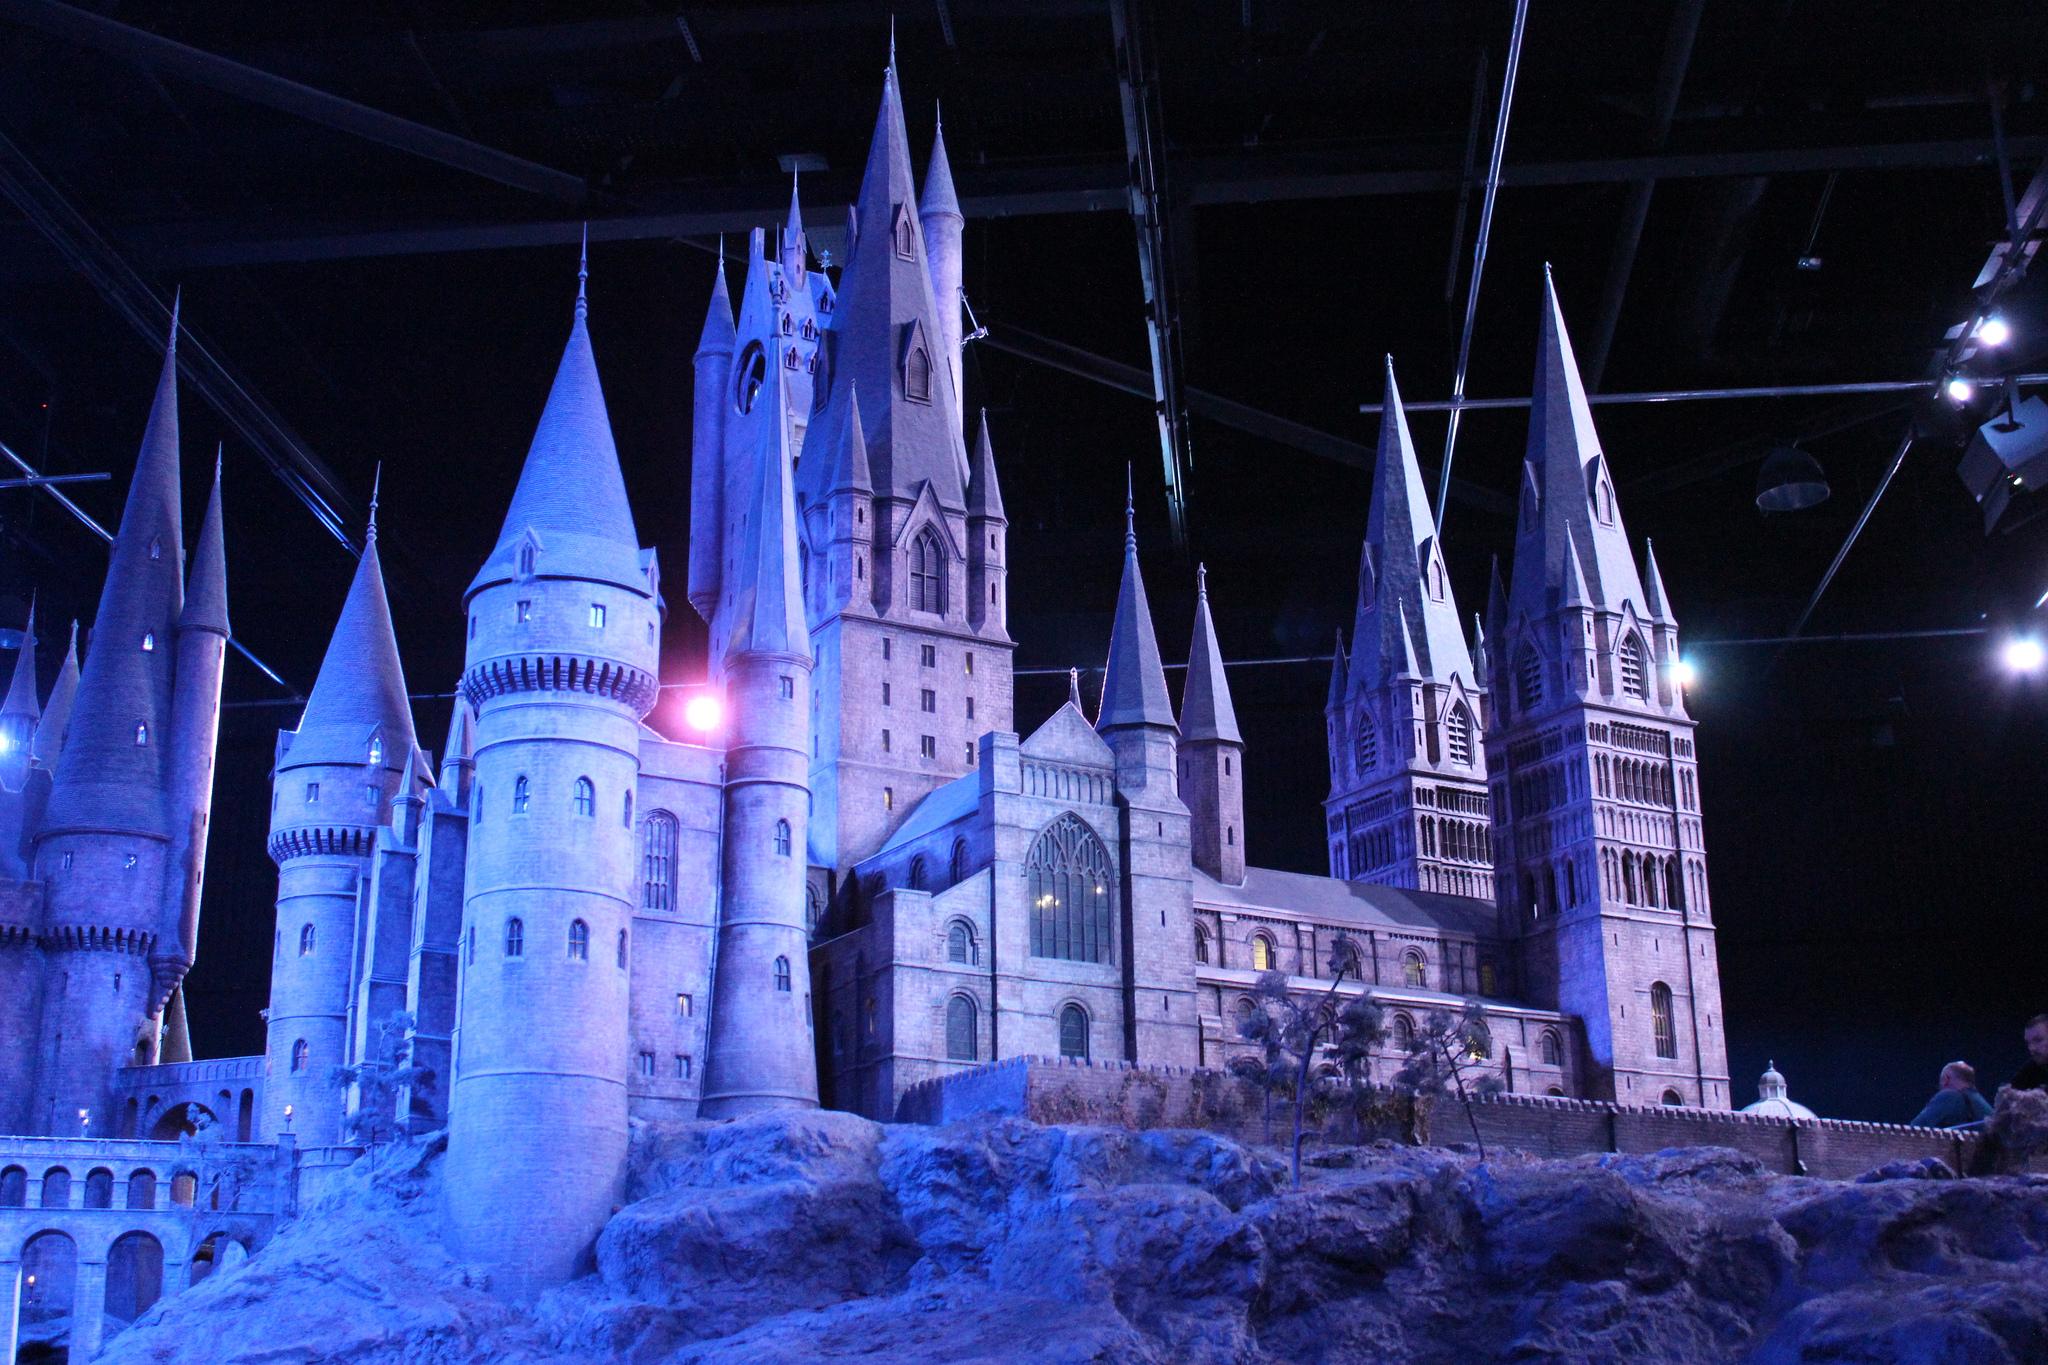 b18 Открыто для магглов: путеводитель для фанатов Гарри Поттера